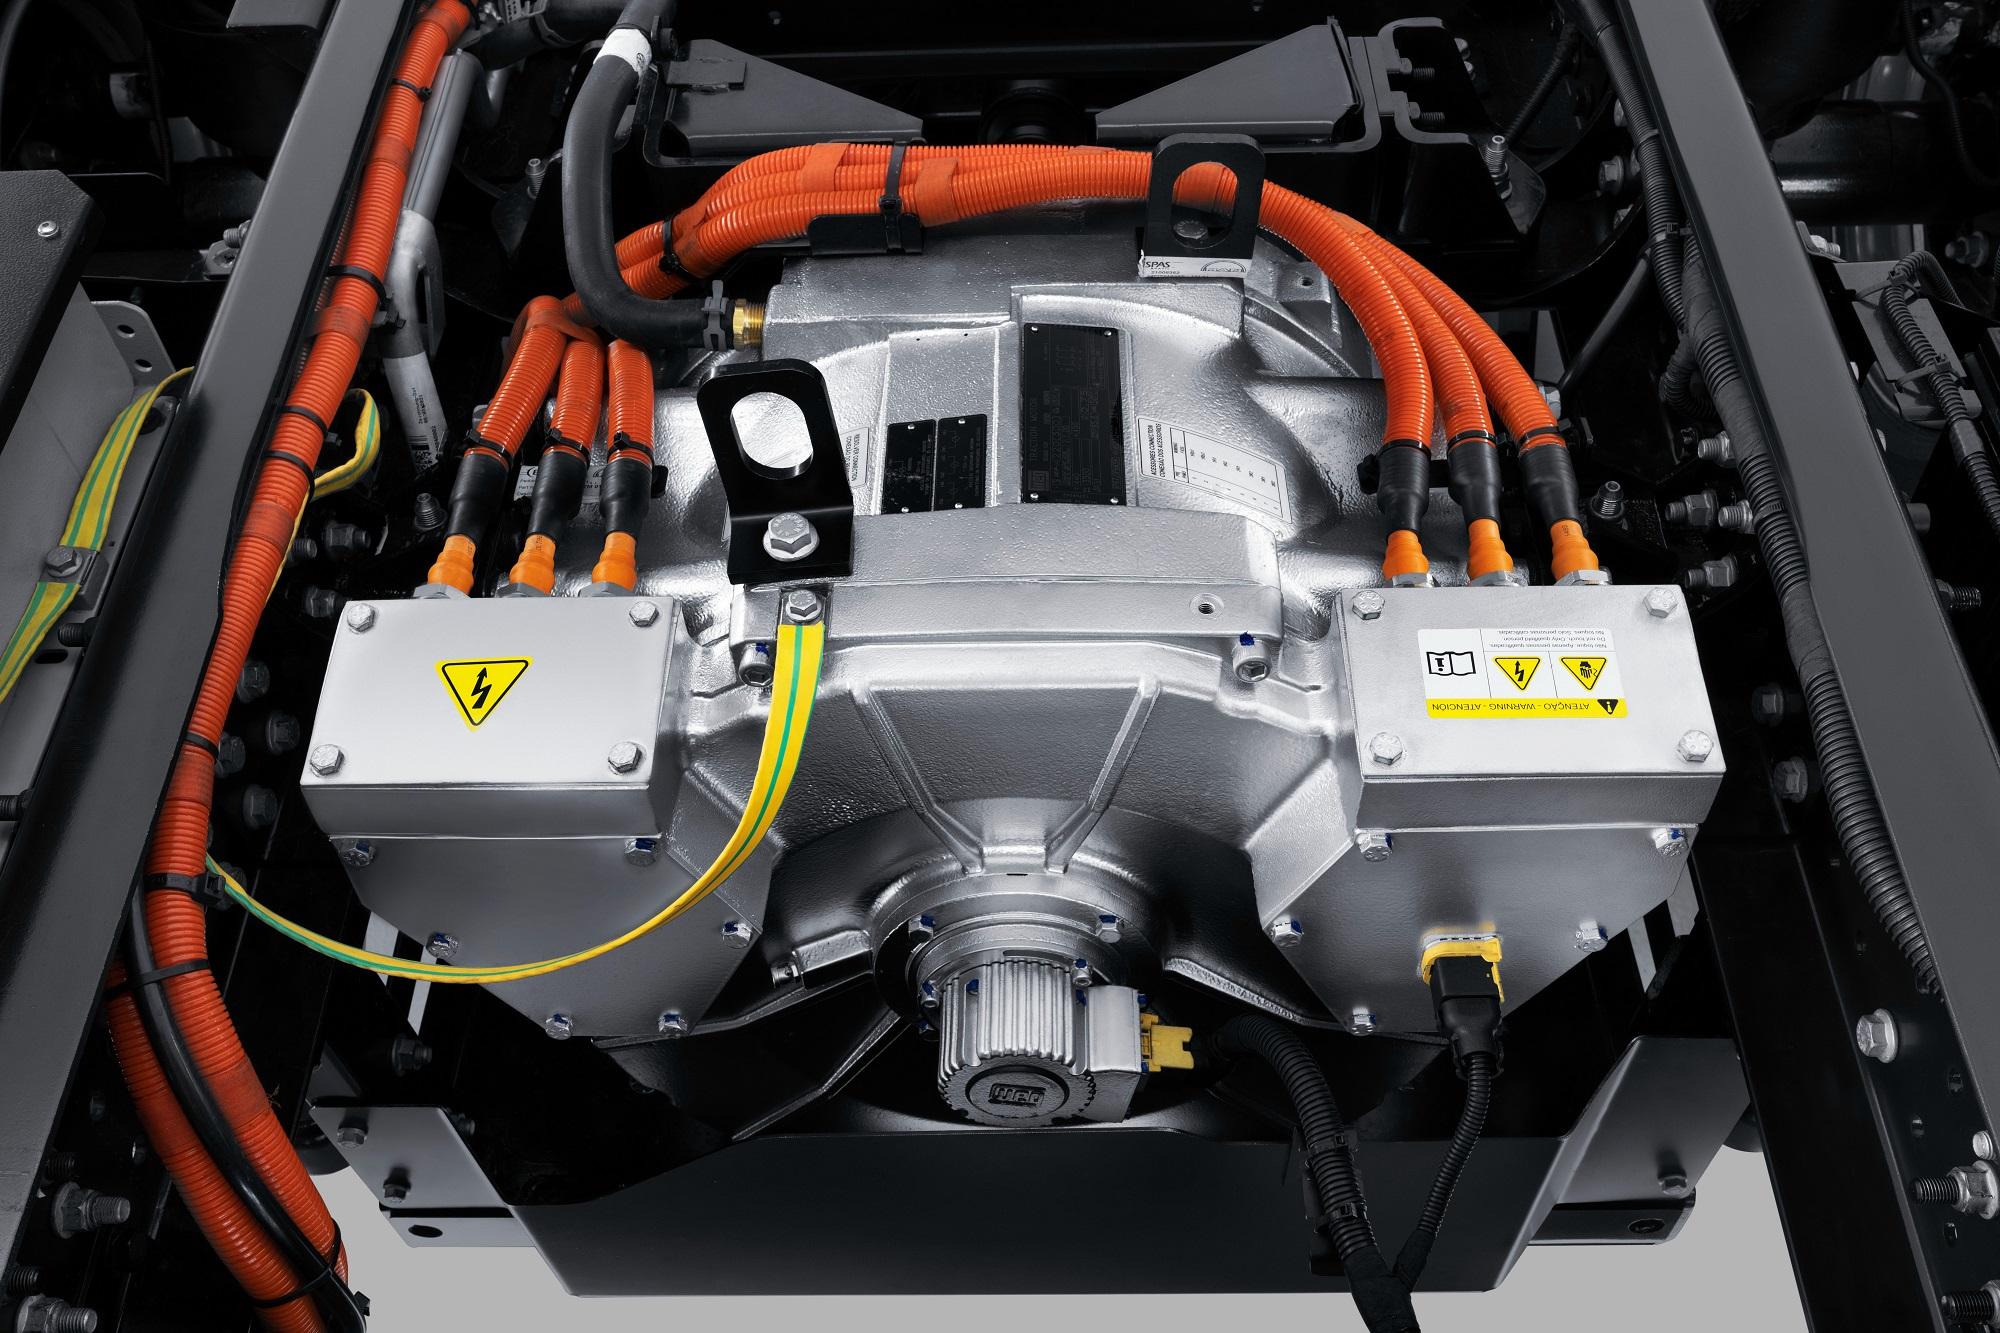 Exclusivo, motor VW280 é fabricado pela também brasileira WEG